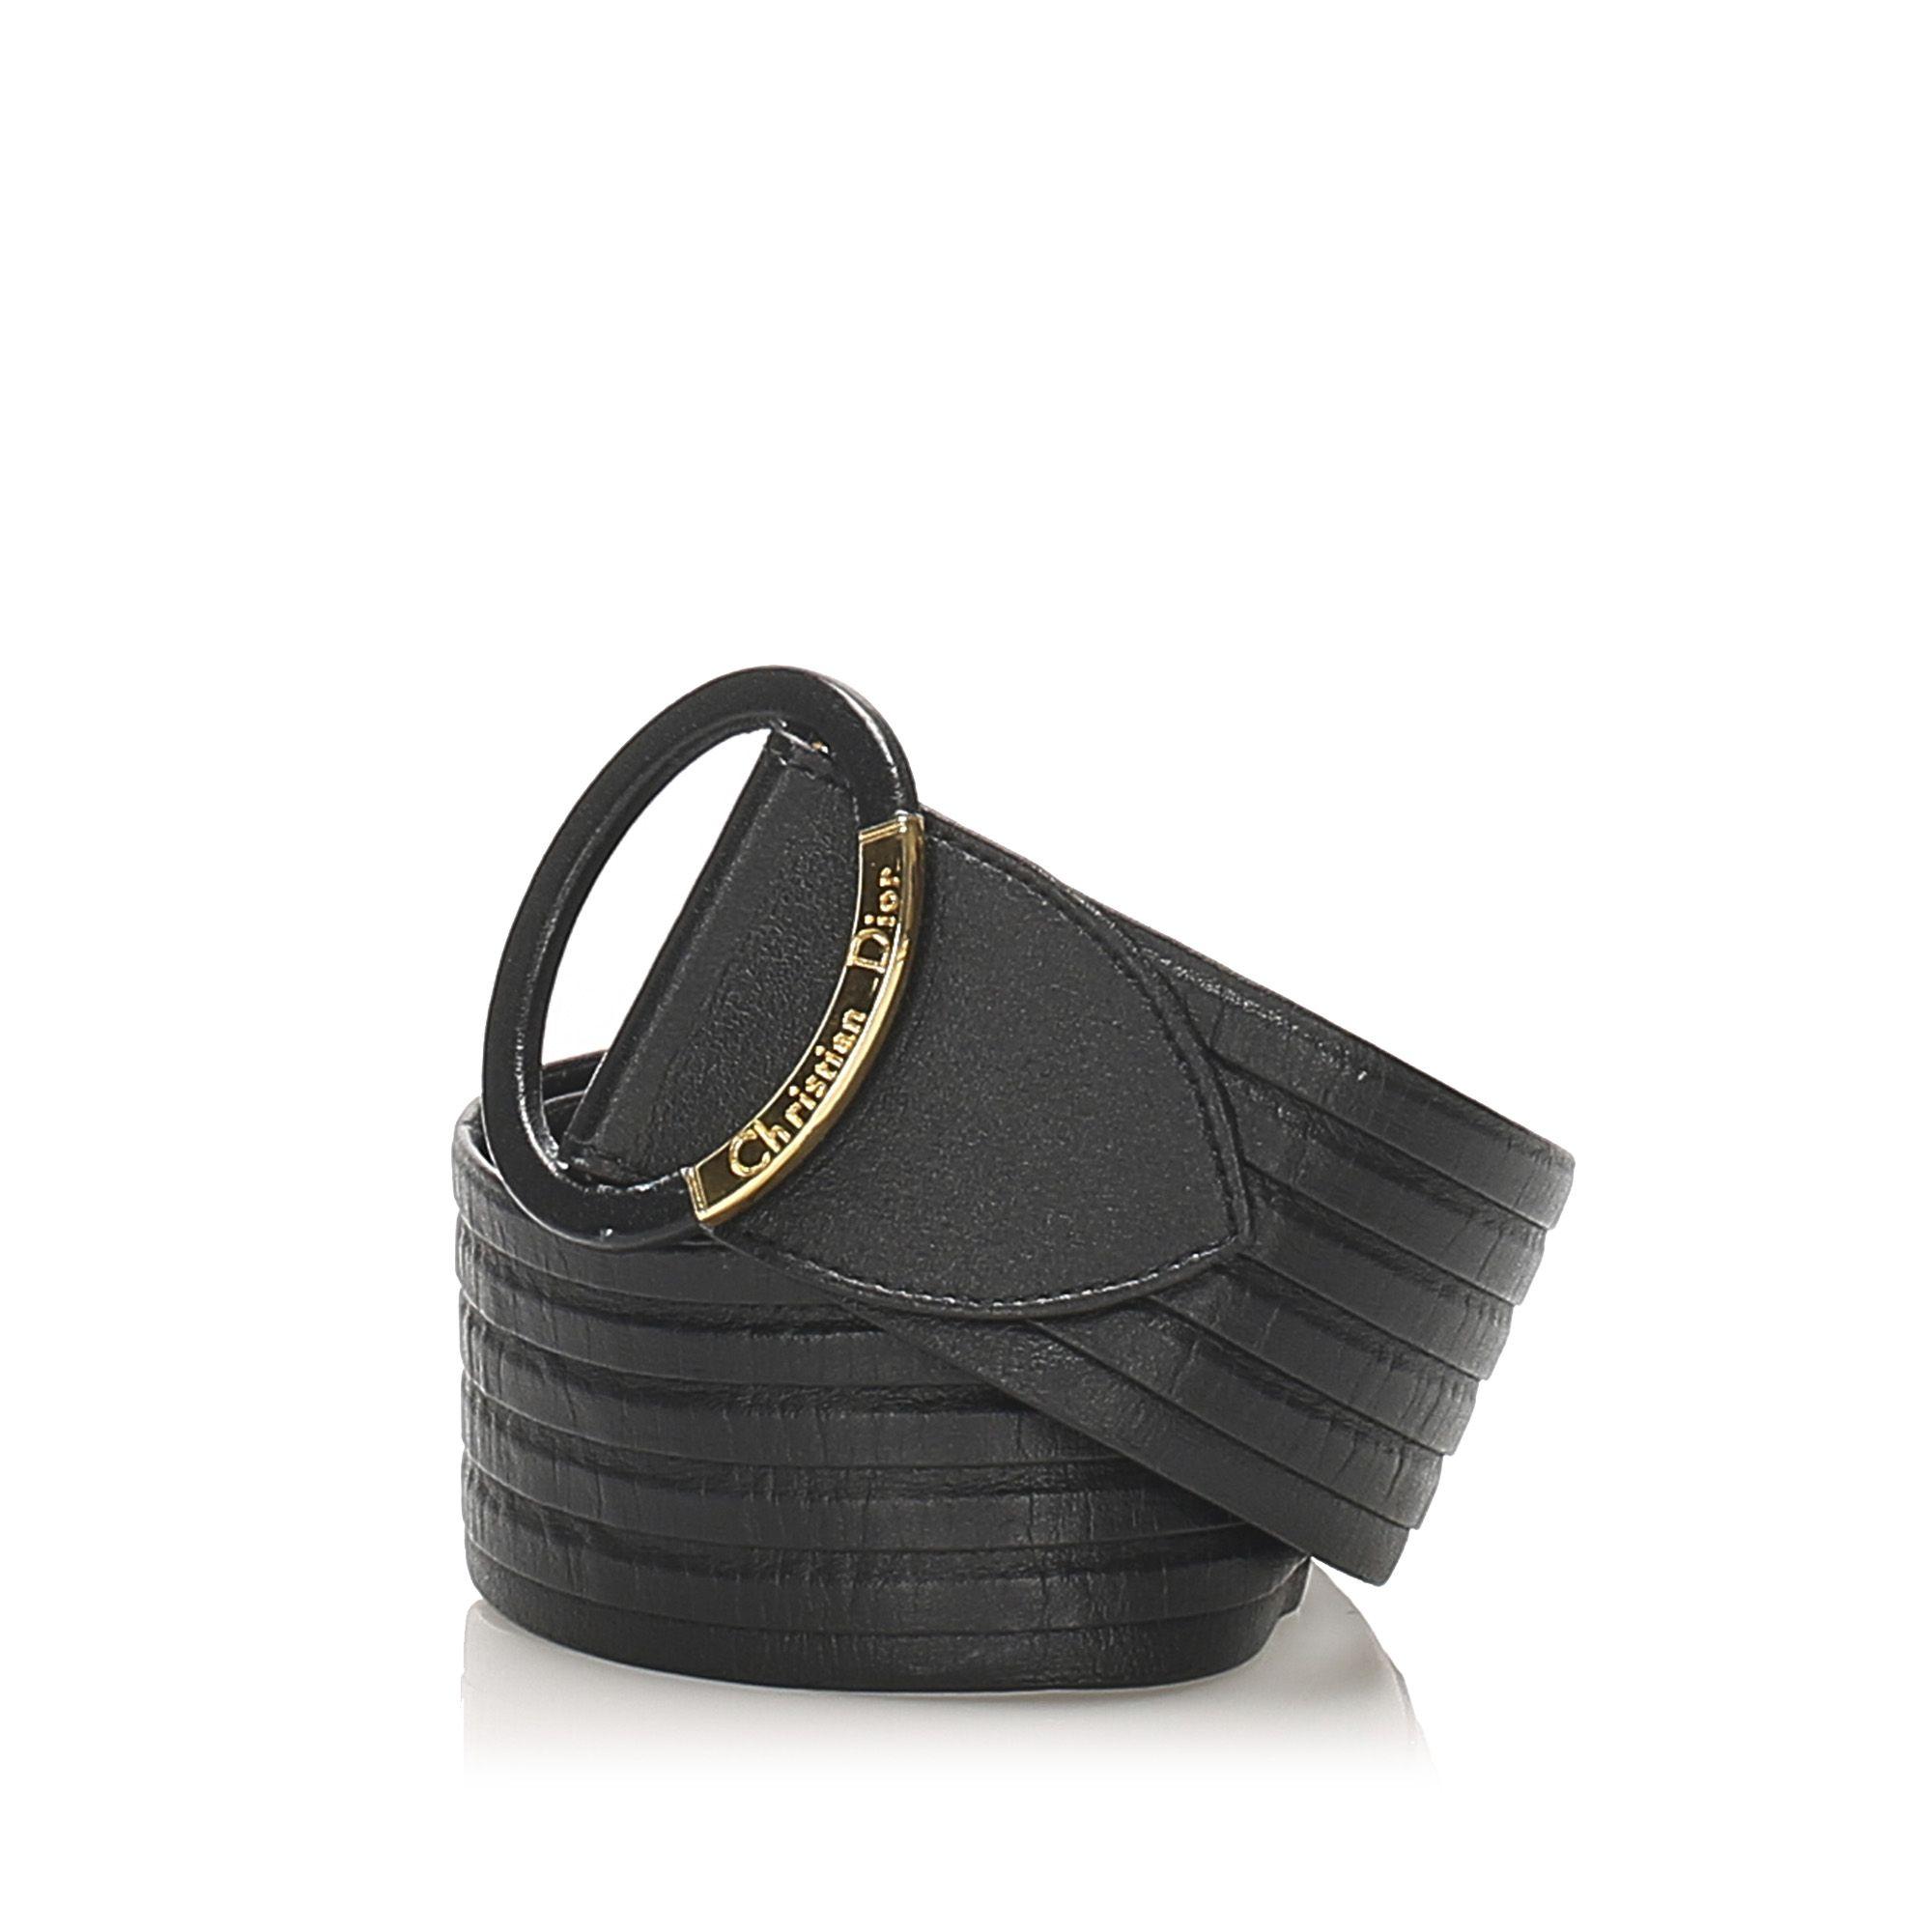 Vintage Dior Leather Belt Black